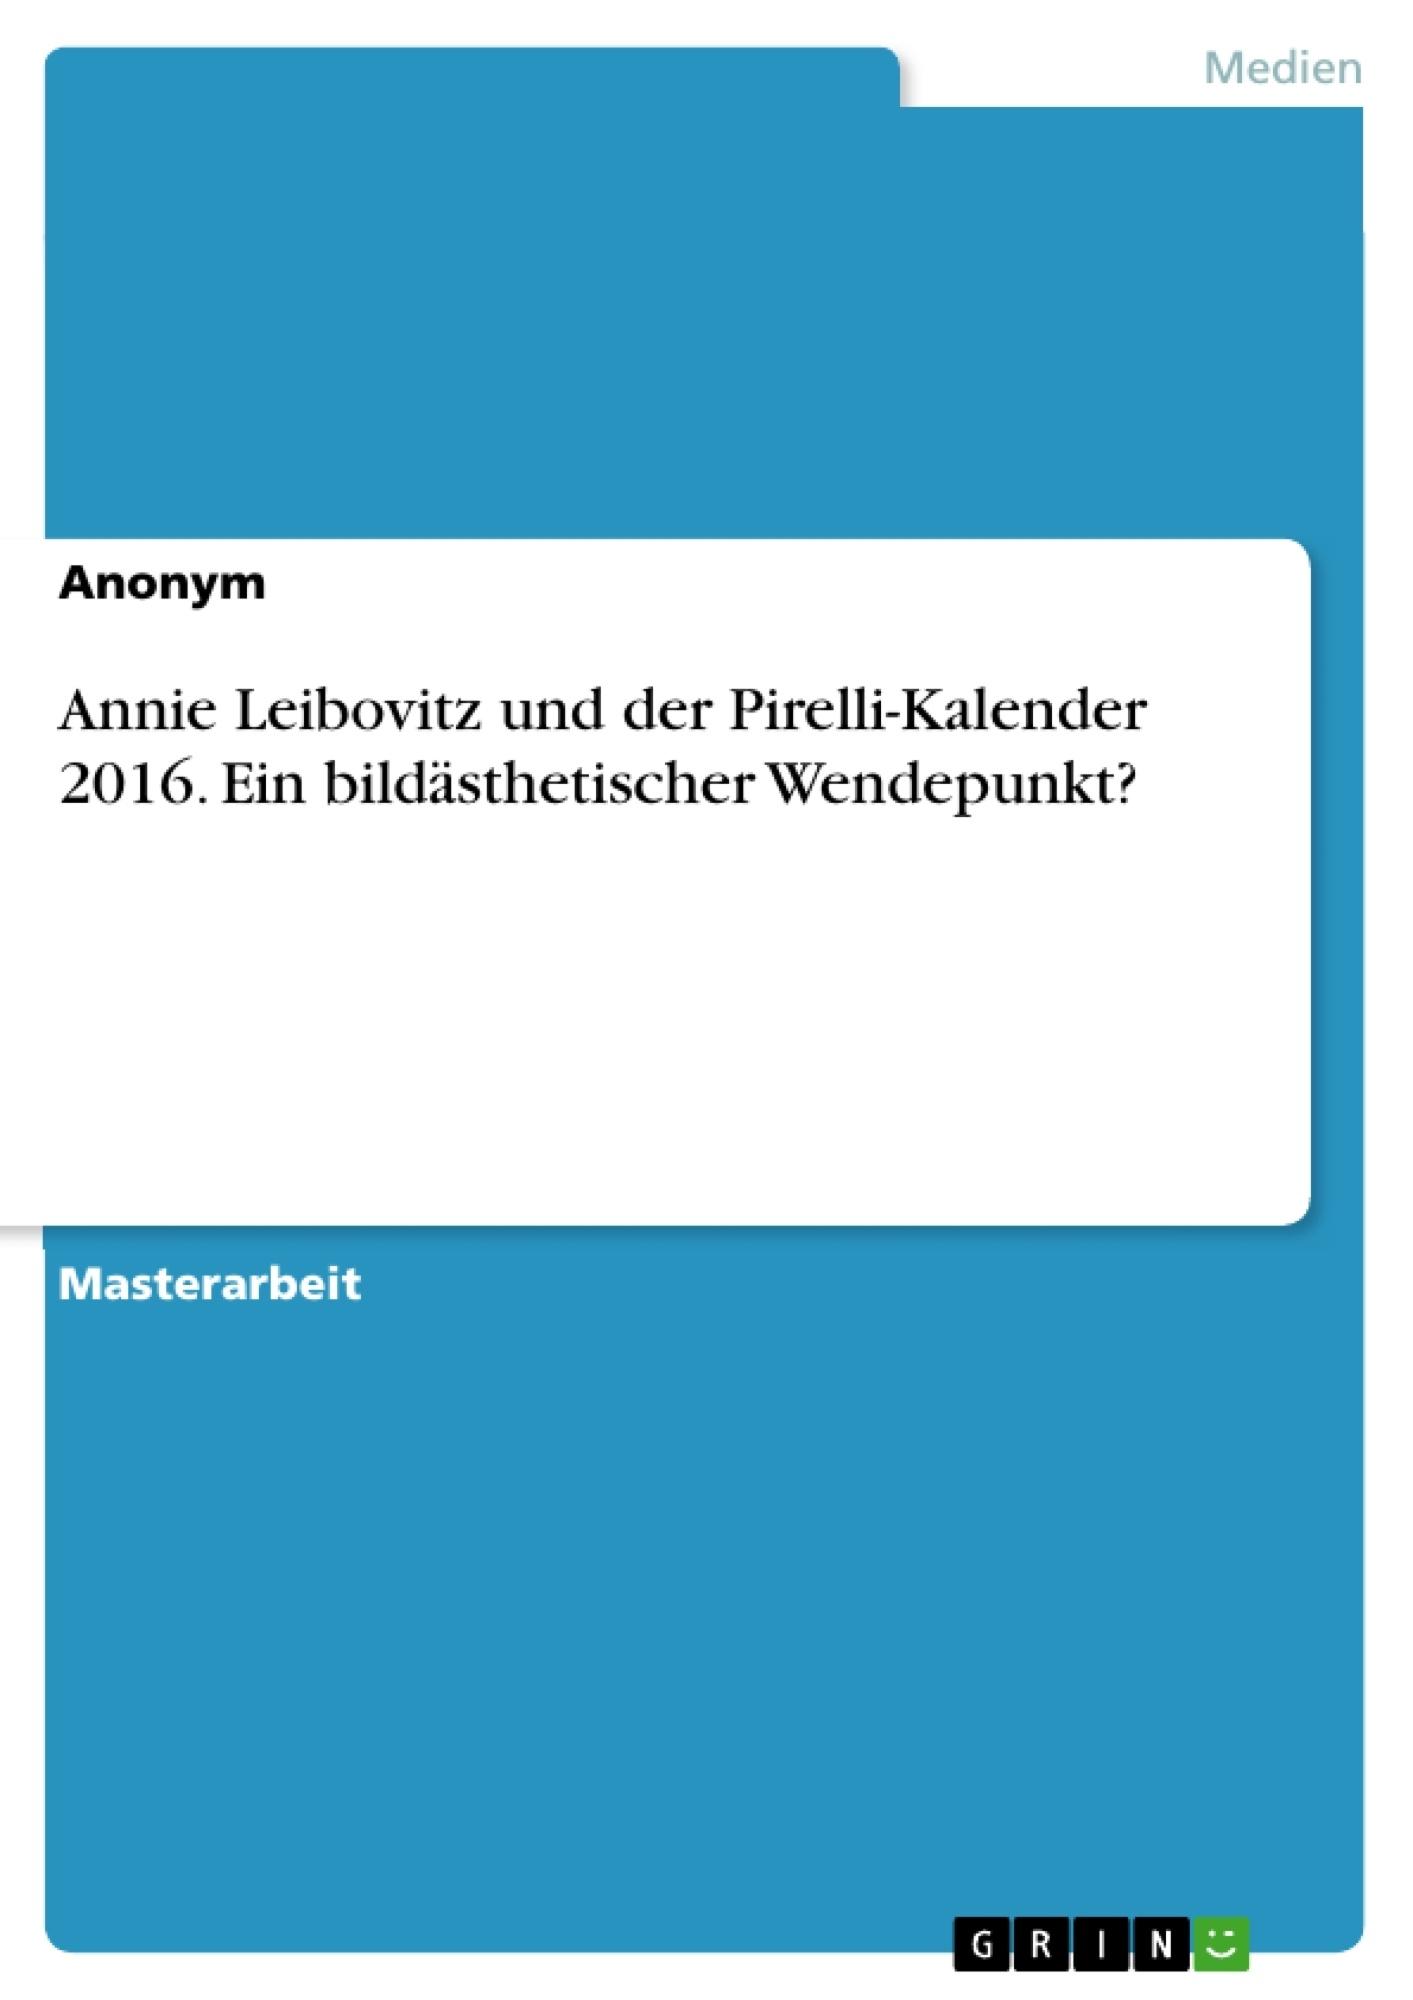 Titel: Annie Leibovitz und der Pirelli-Kalender 2016. Ein bildästhetischer Wendepunkt?